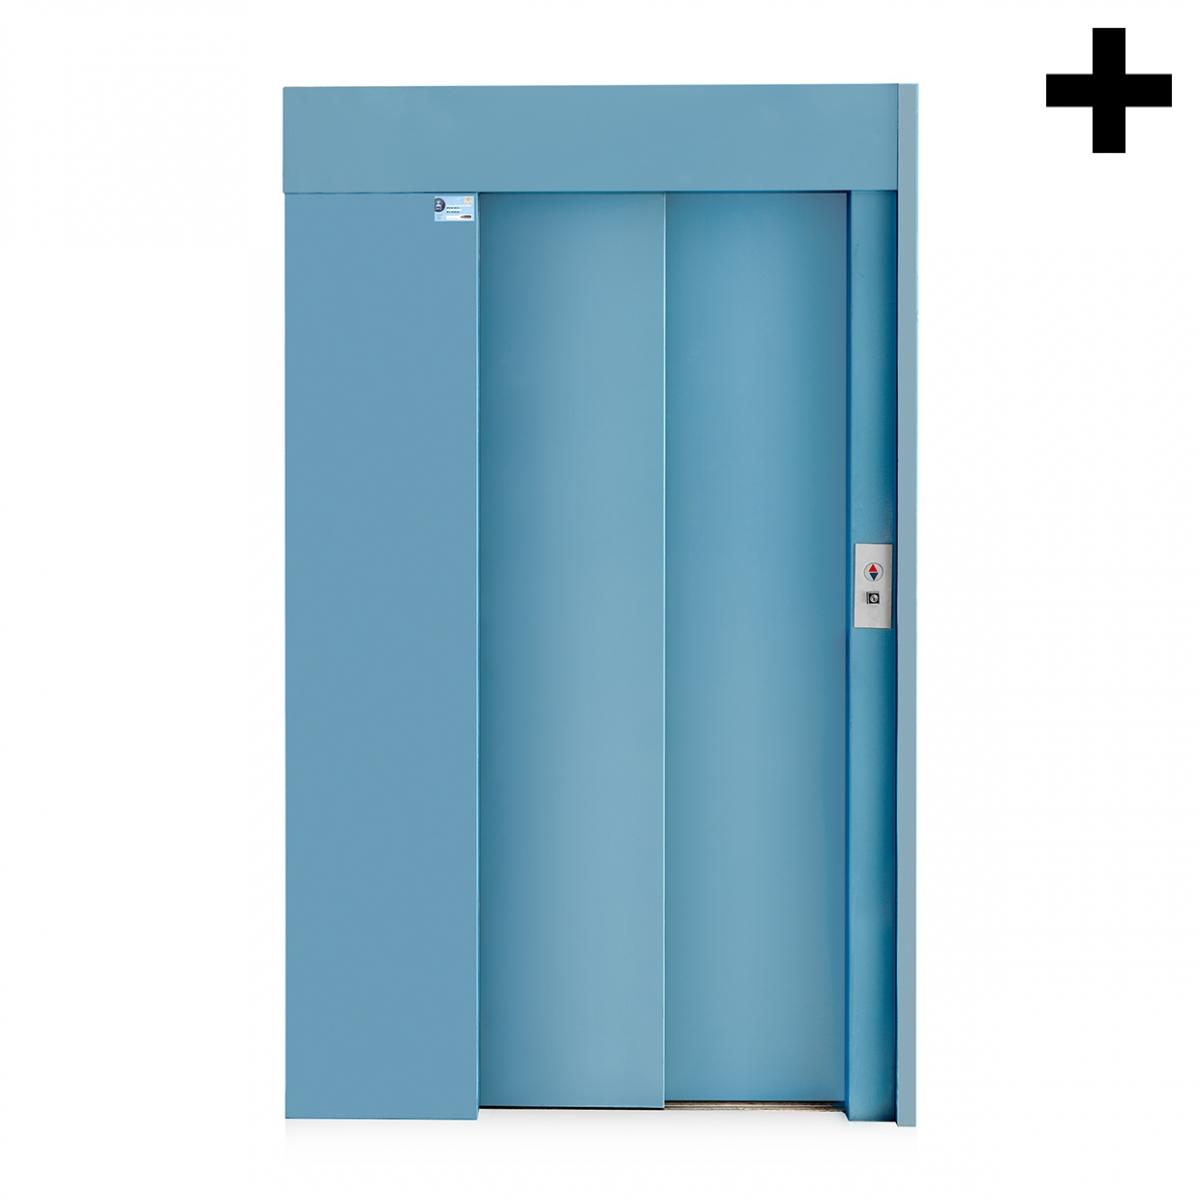 Imagen en la que se ve el plural del concepto ascensor